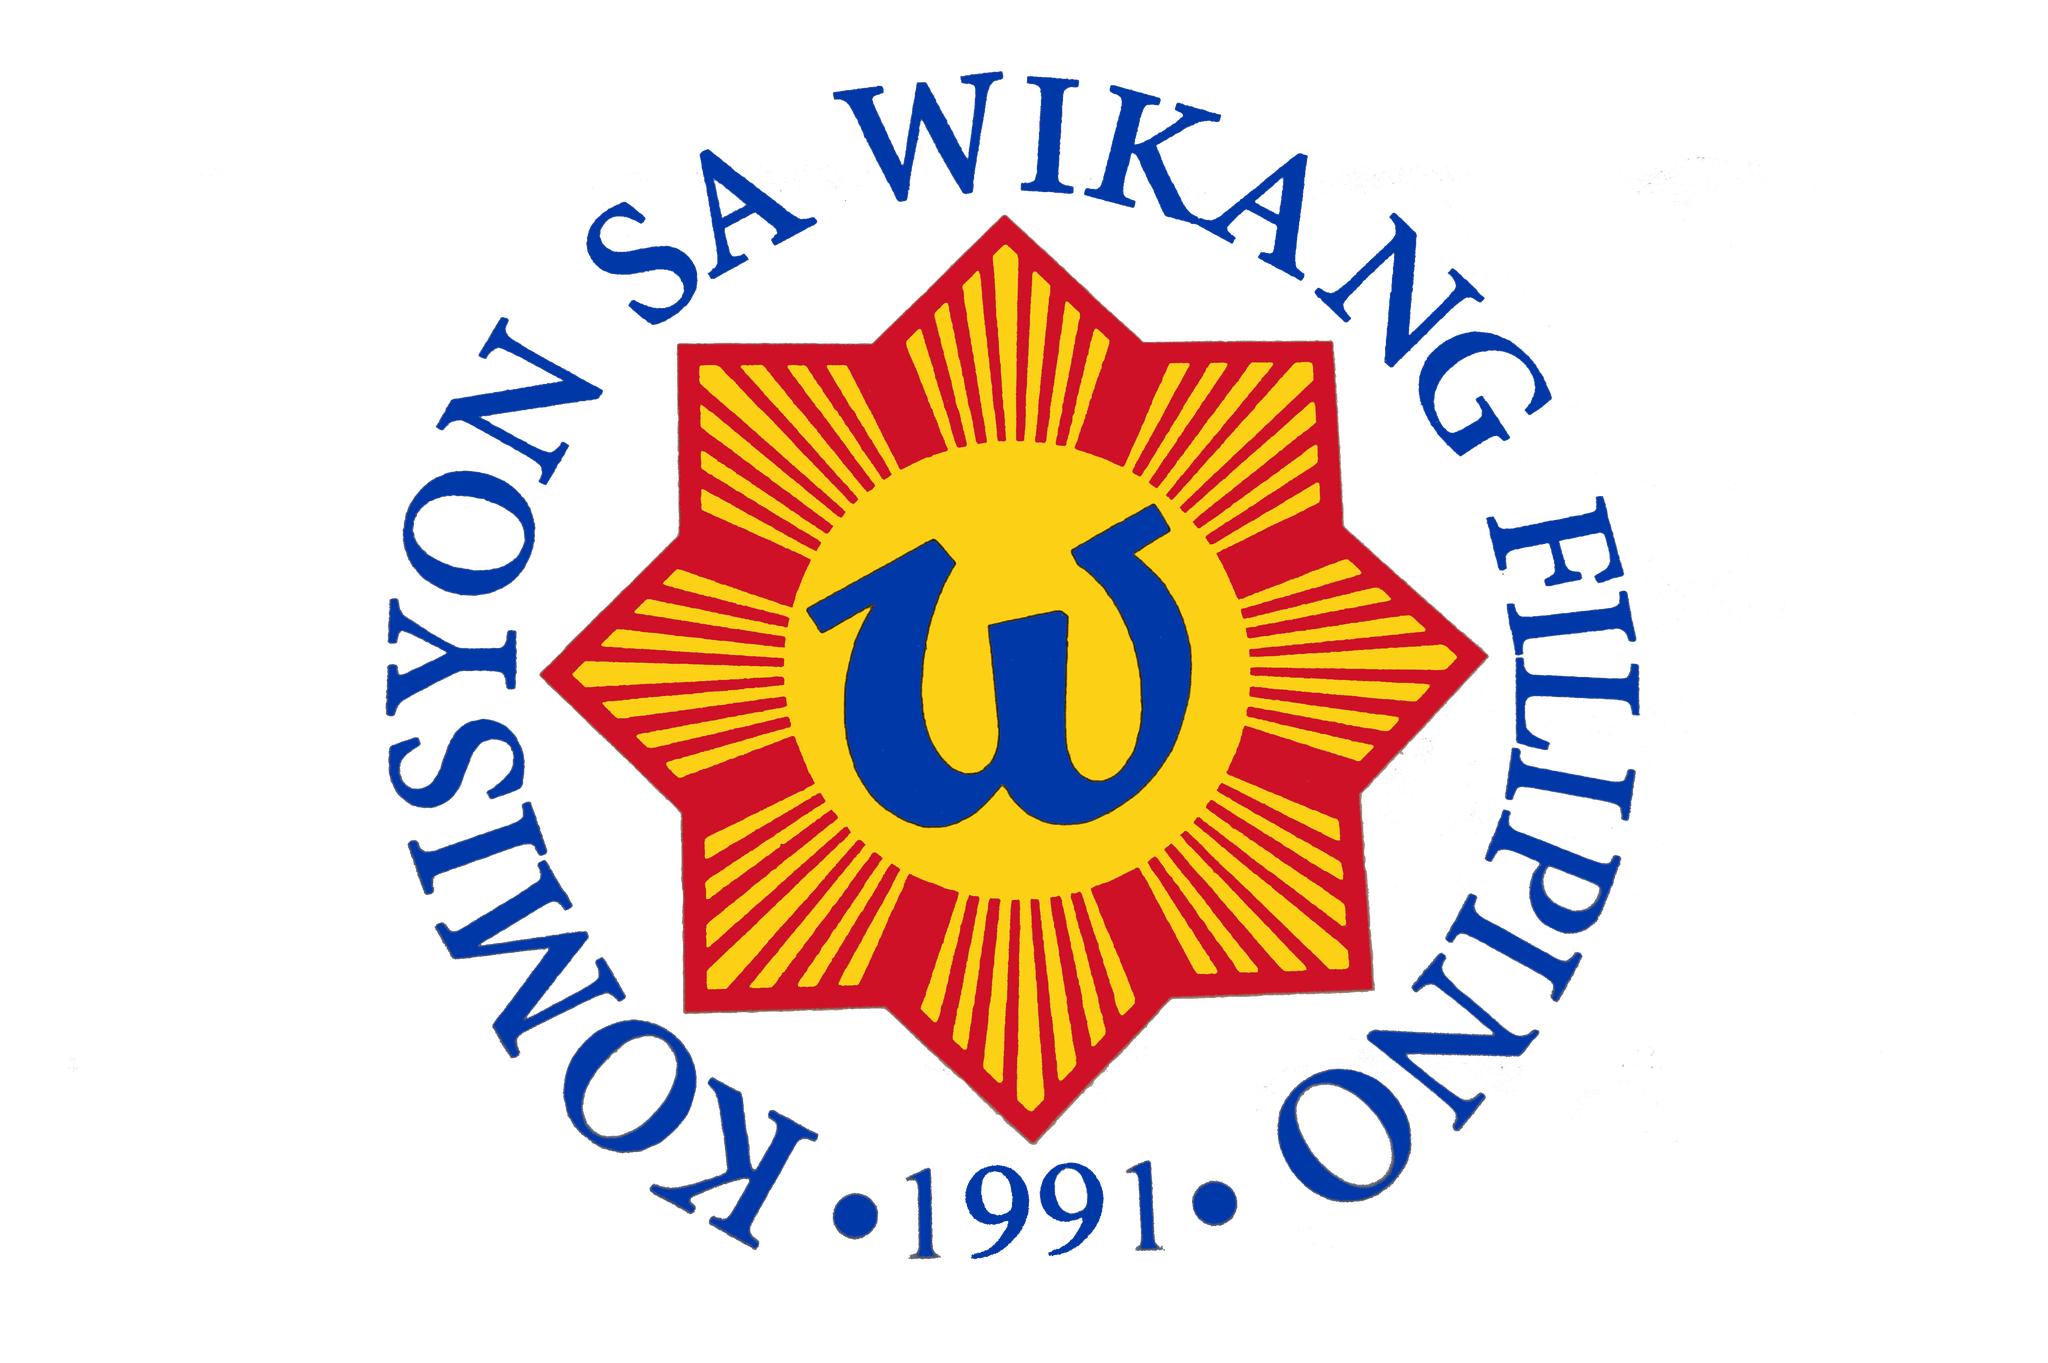 talumpati sa buwan ng wika Ngayong buwan ng wika 2014, ibinabandera ng komisyon sa wikang filipino ( kwf) ang halaga ng wikang filipino bilang wikang nagbubuklod sa bansa.